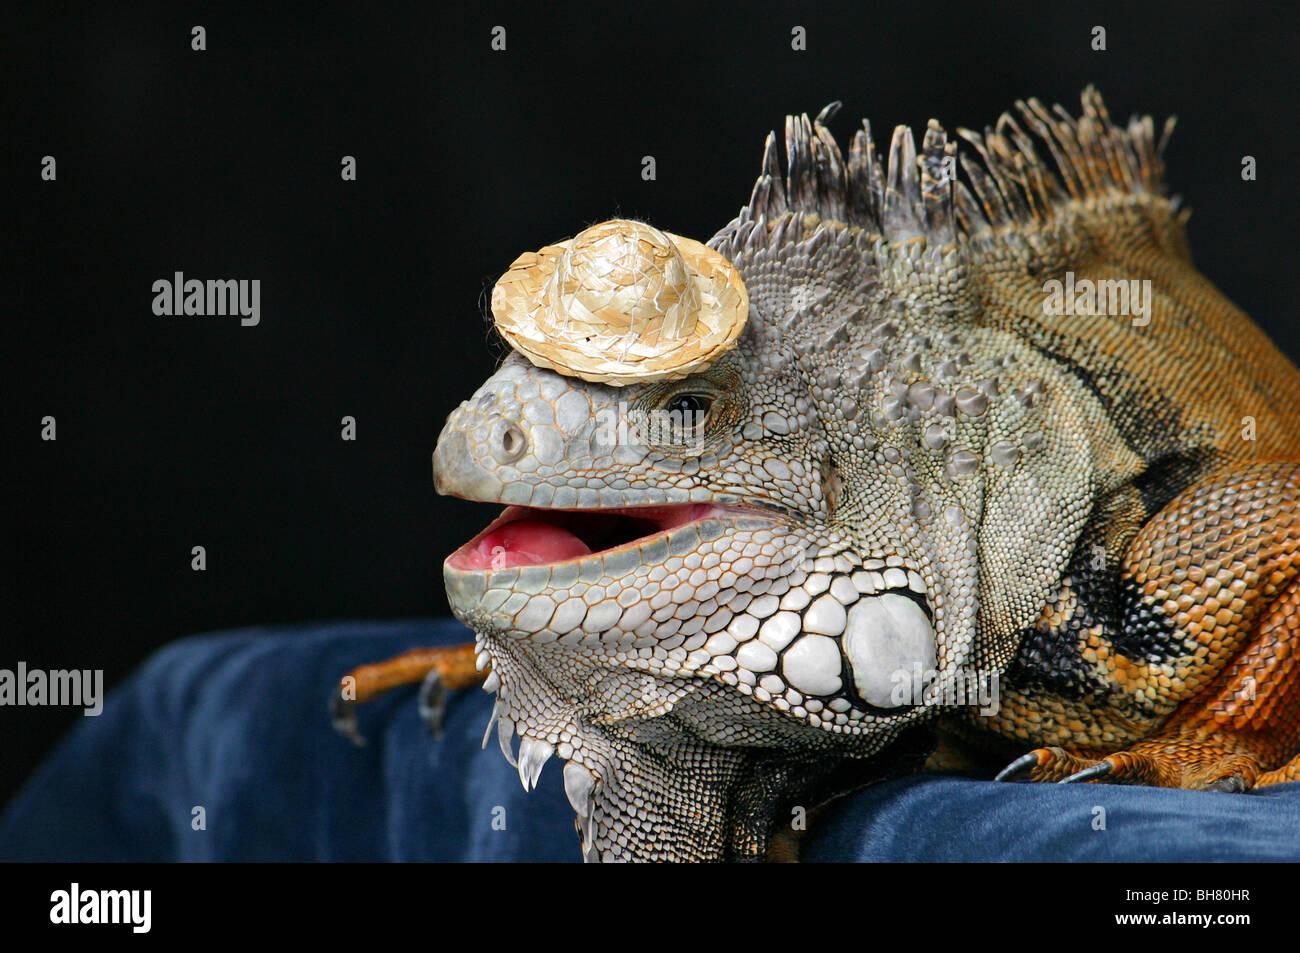 Que suis-je - ajonc- 28 octobre bravo Martin Lezard-iguane-vert-vetu-dun-drole-de-petit-chapeau-bh80hr